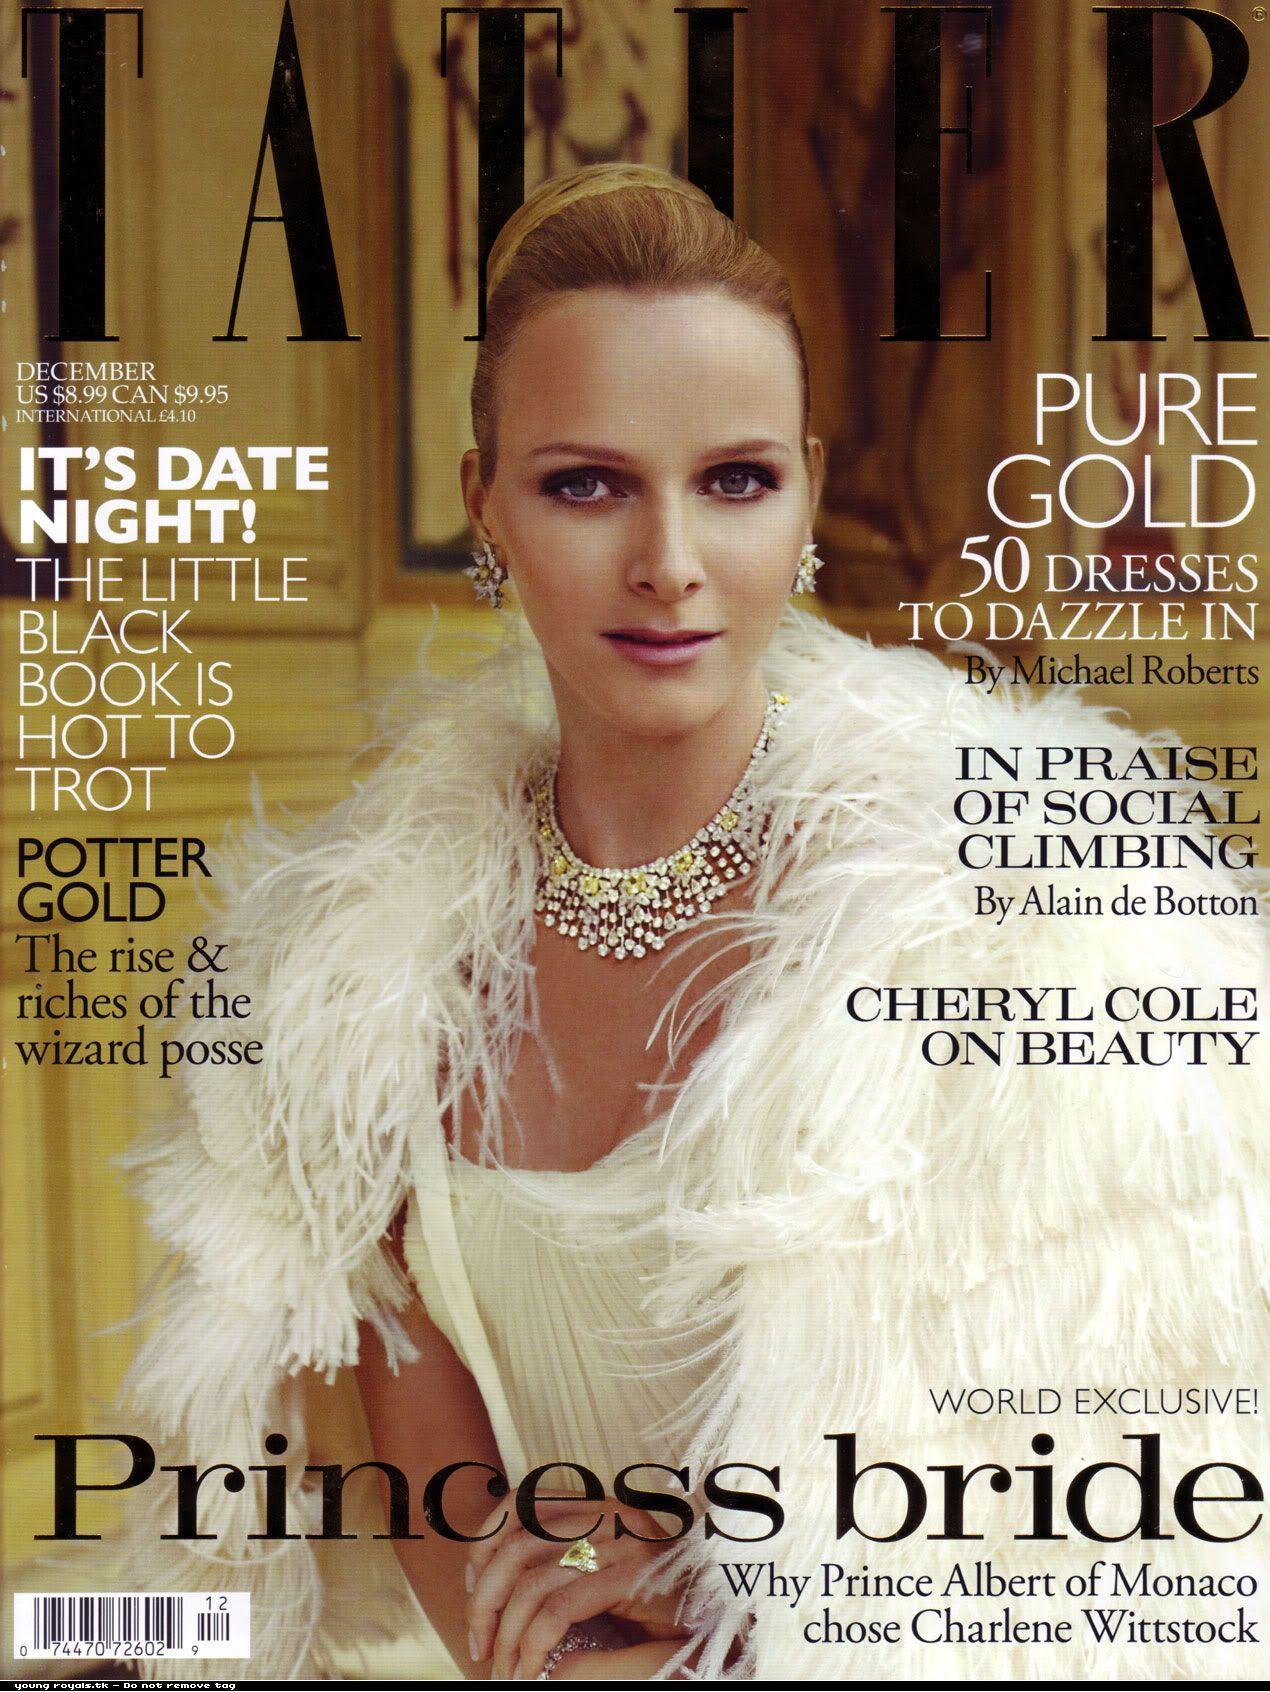 Tatler, December 2010 The Princess Bride Charlene Wittstock